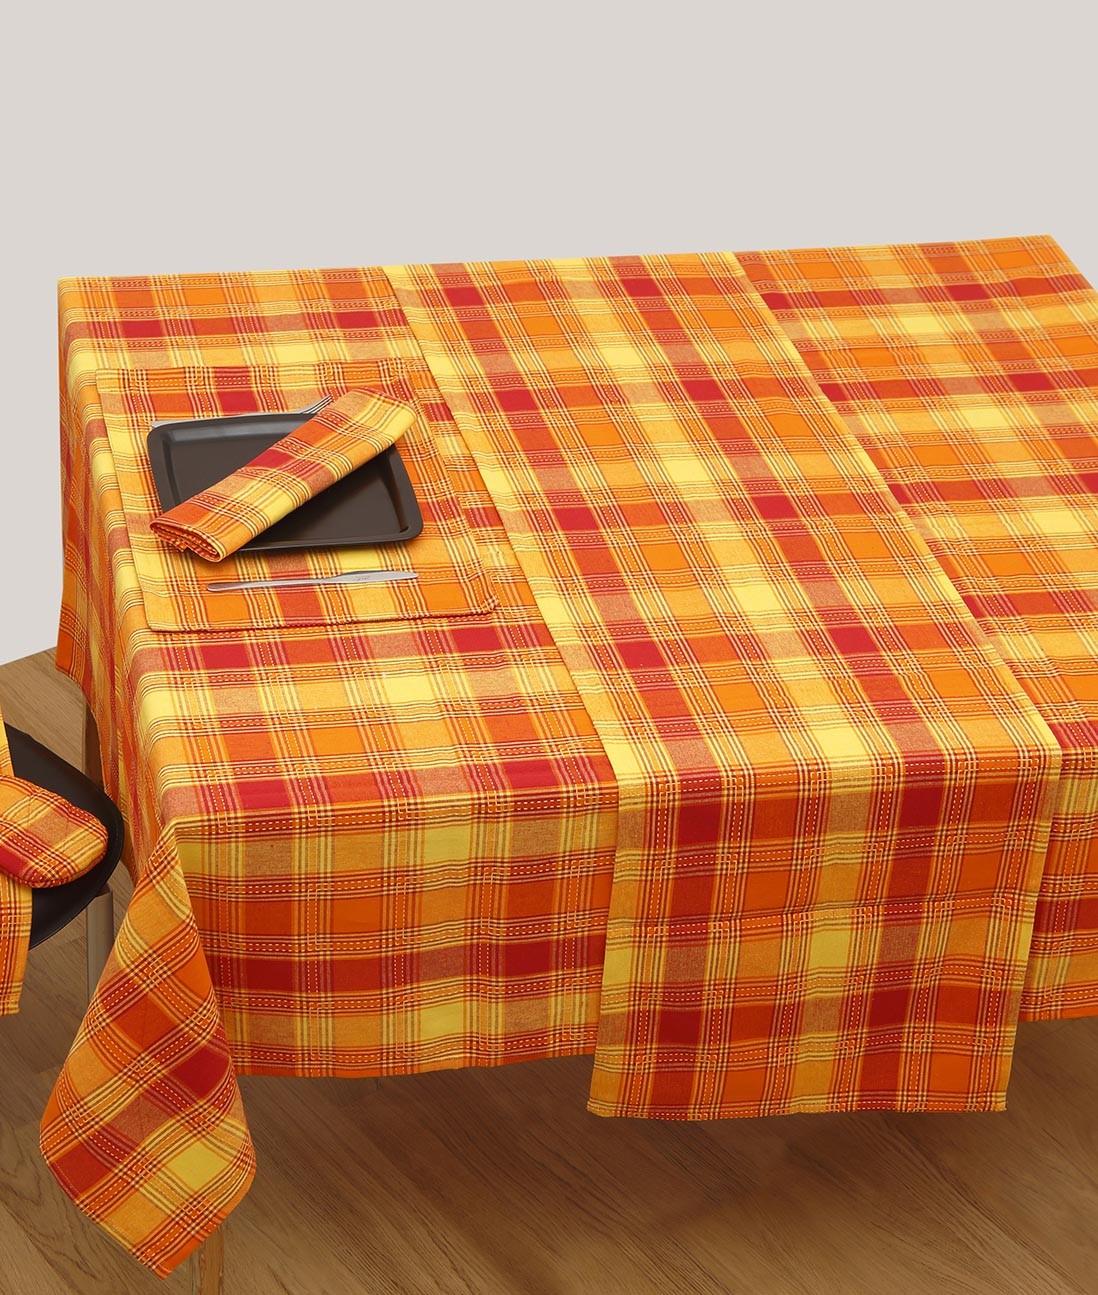 Τραβέρσες Φαγητού (Σετ 2τμχ) Viopros 580 Τερρακότα